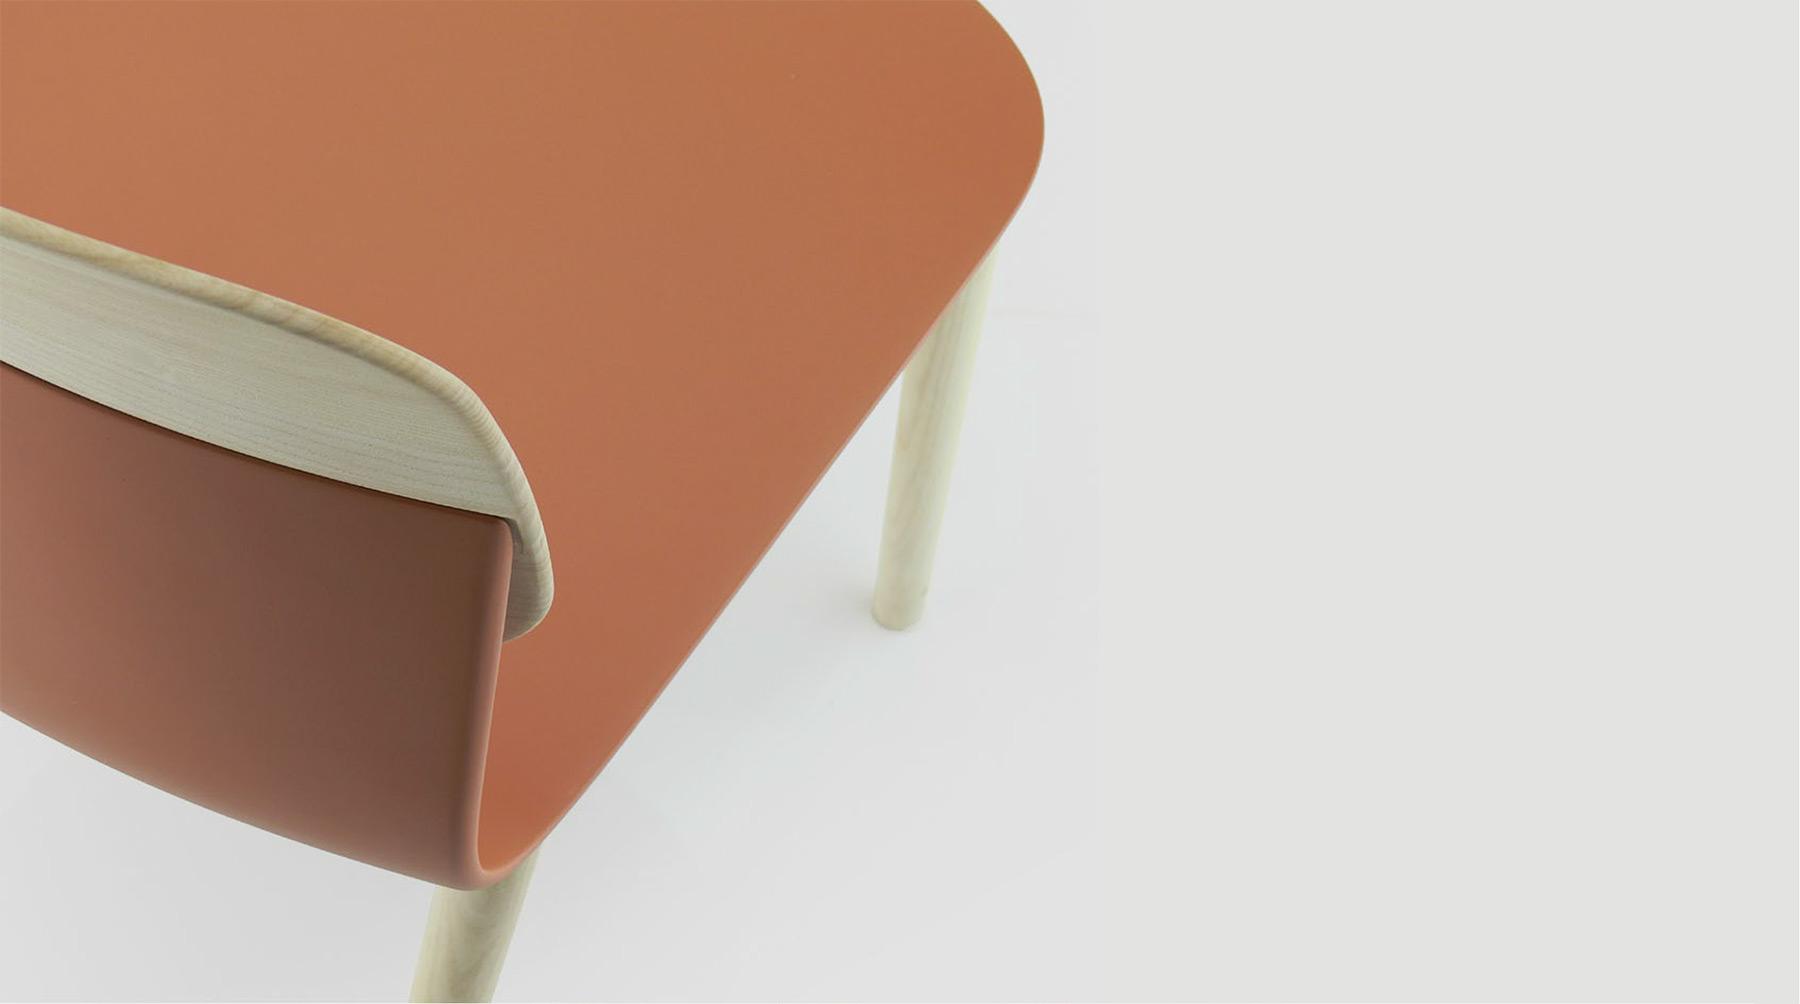 klik-design-chair-iratzoki-lizaso-sokoa